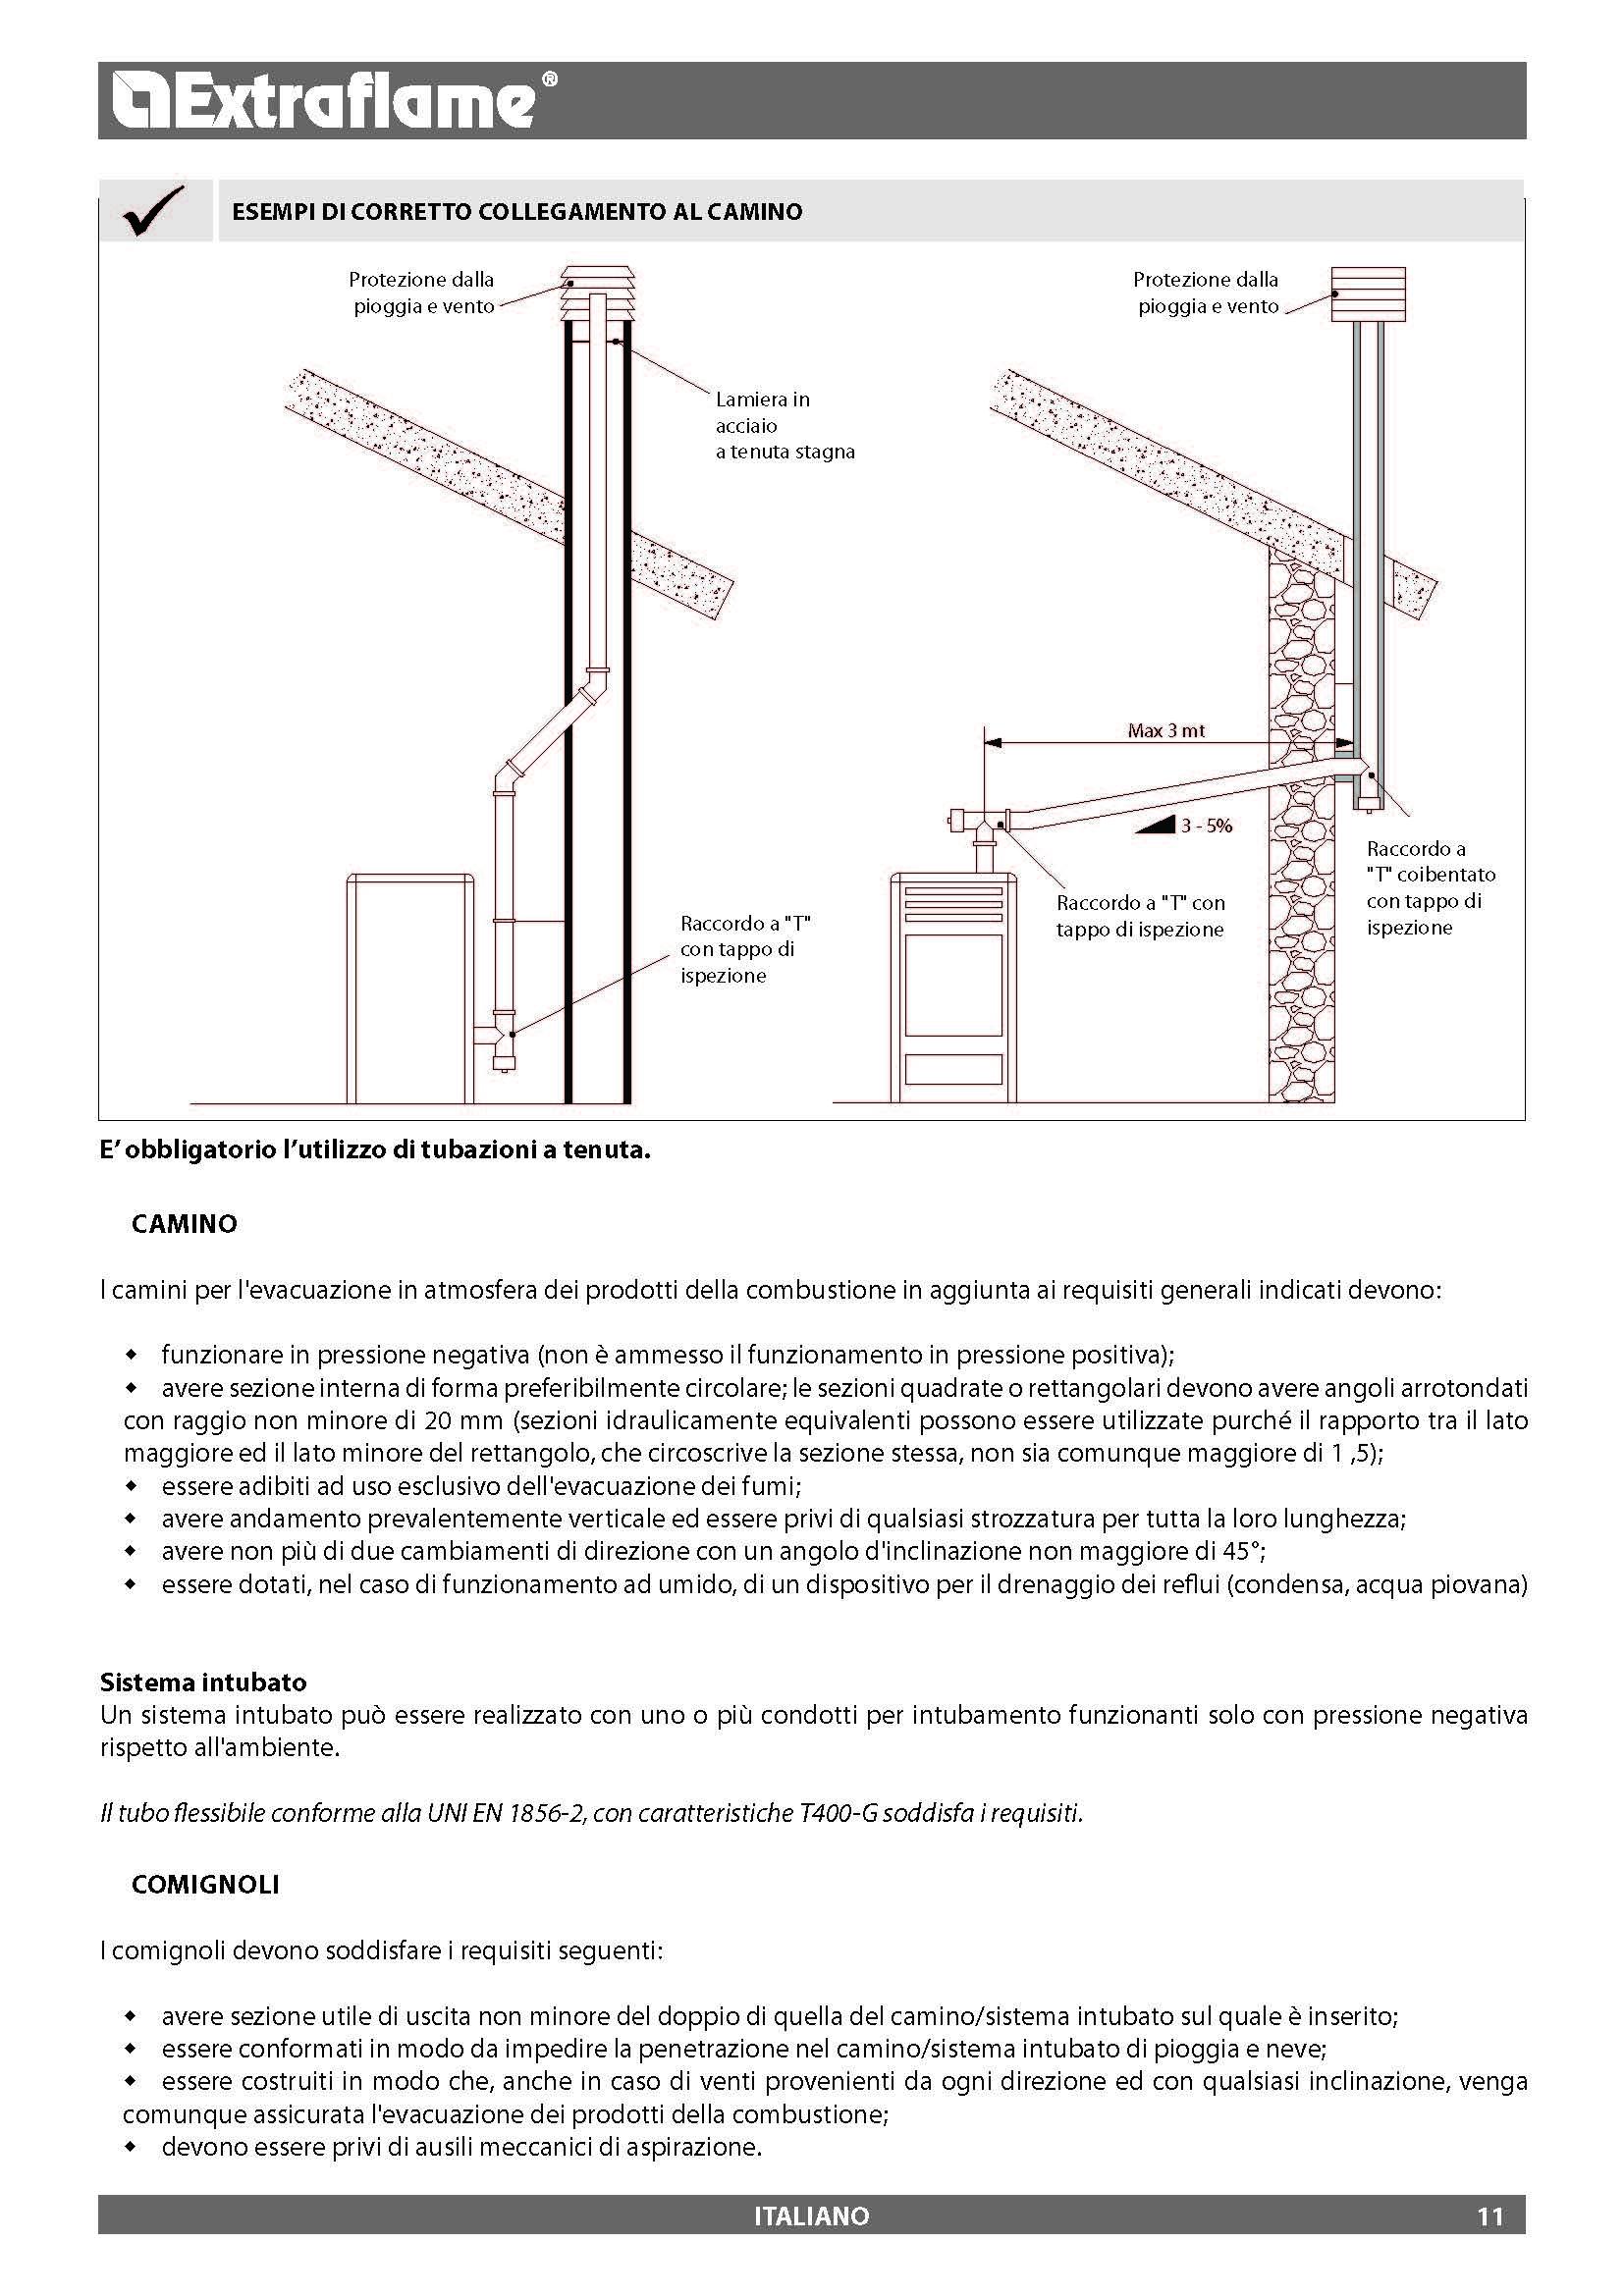 Kit Completo Di Fascette Congiunzione Tubi, Staffa Installazione A Parete E  Guarnizioni Siliconate Per Un Totale Di 17 Componenti.